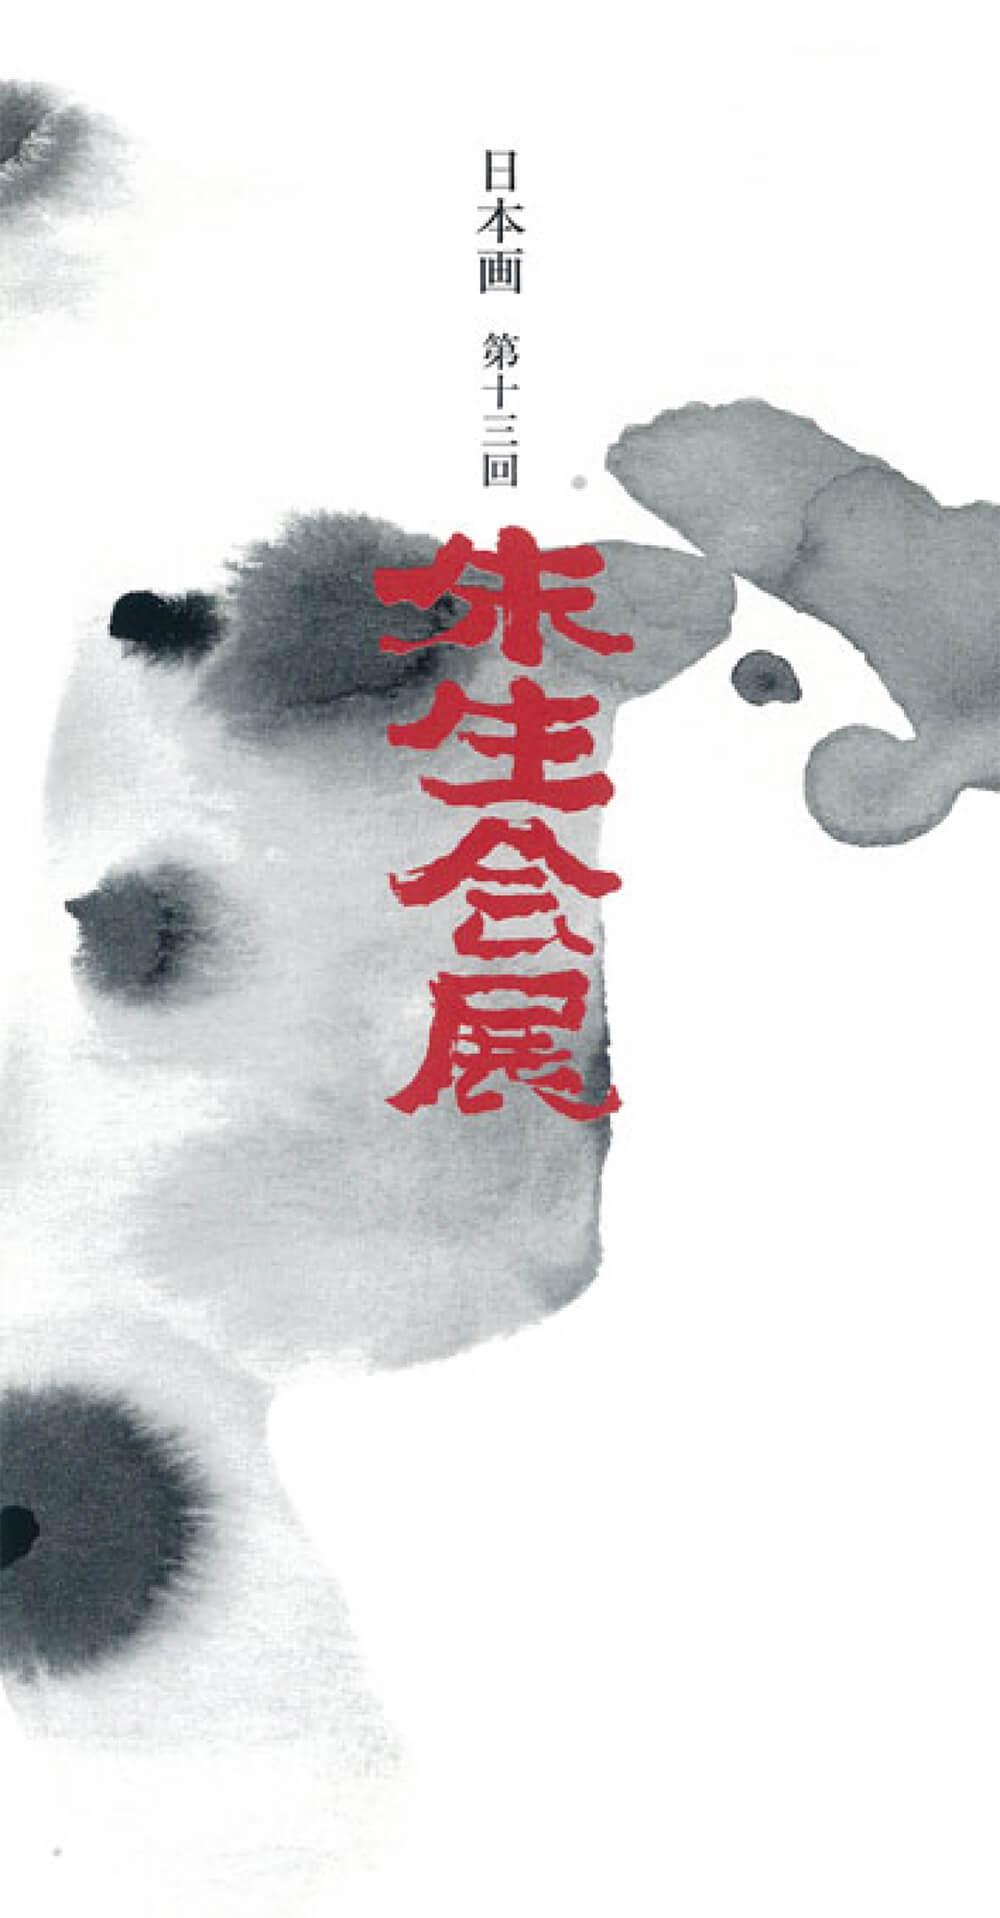 2018年5月19日から開催の「木村光宏と朱生会小品展」のDM